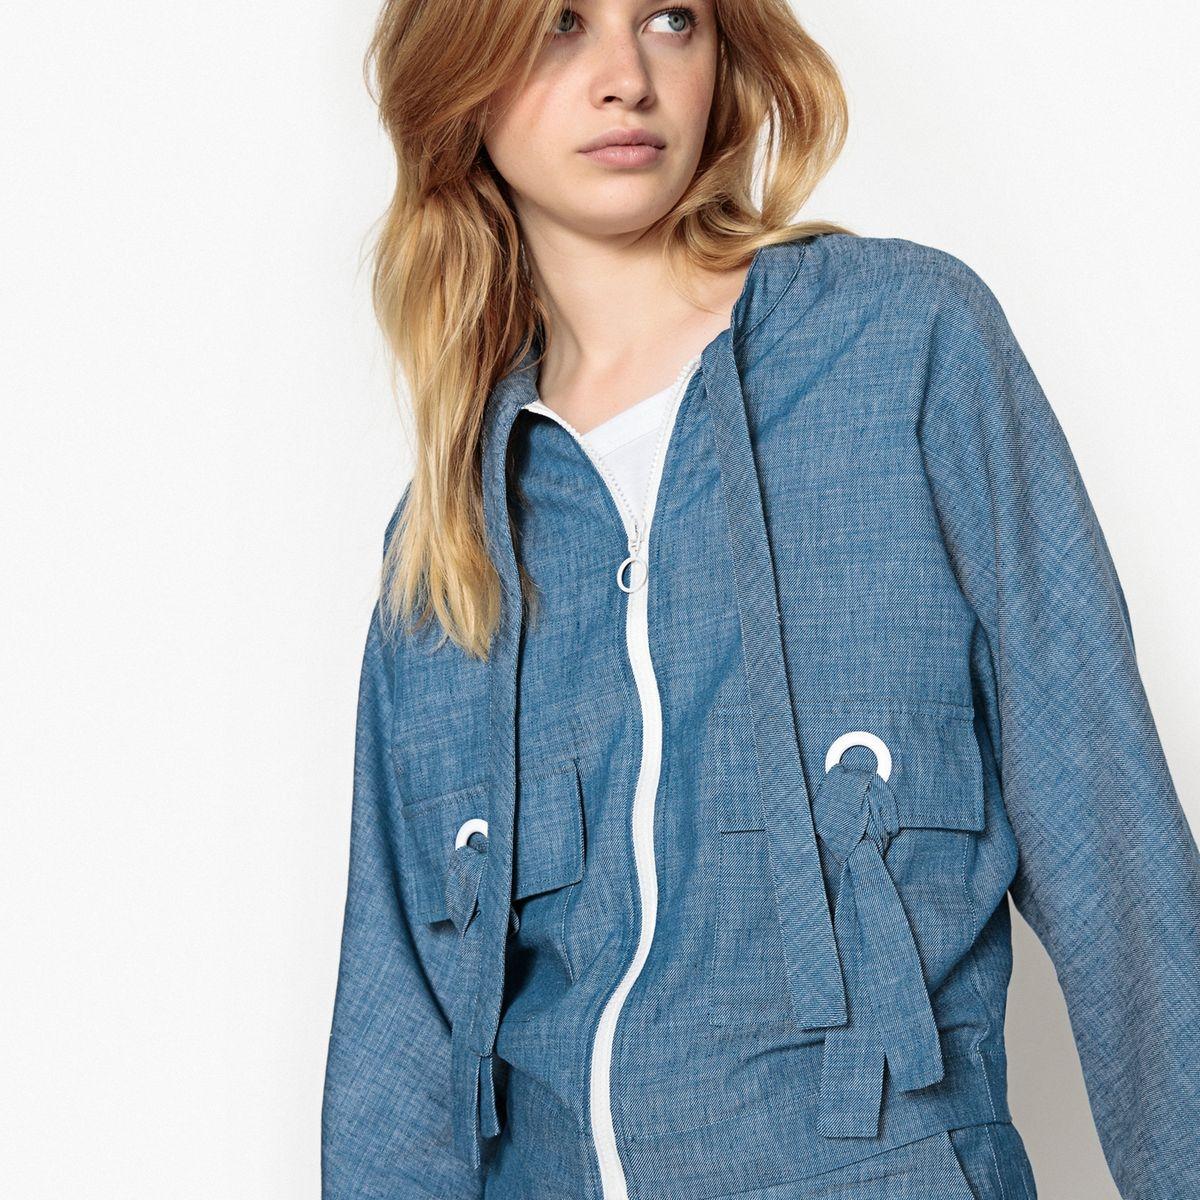 Veste zippée coton/lin